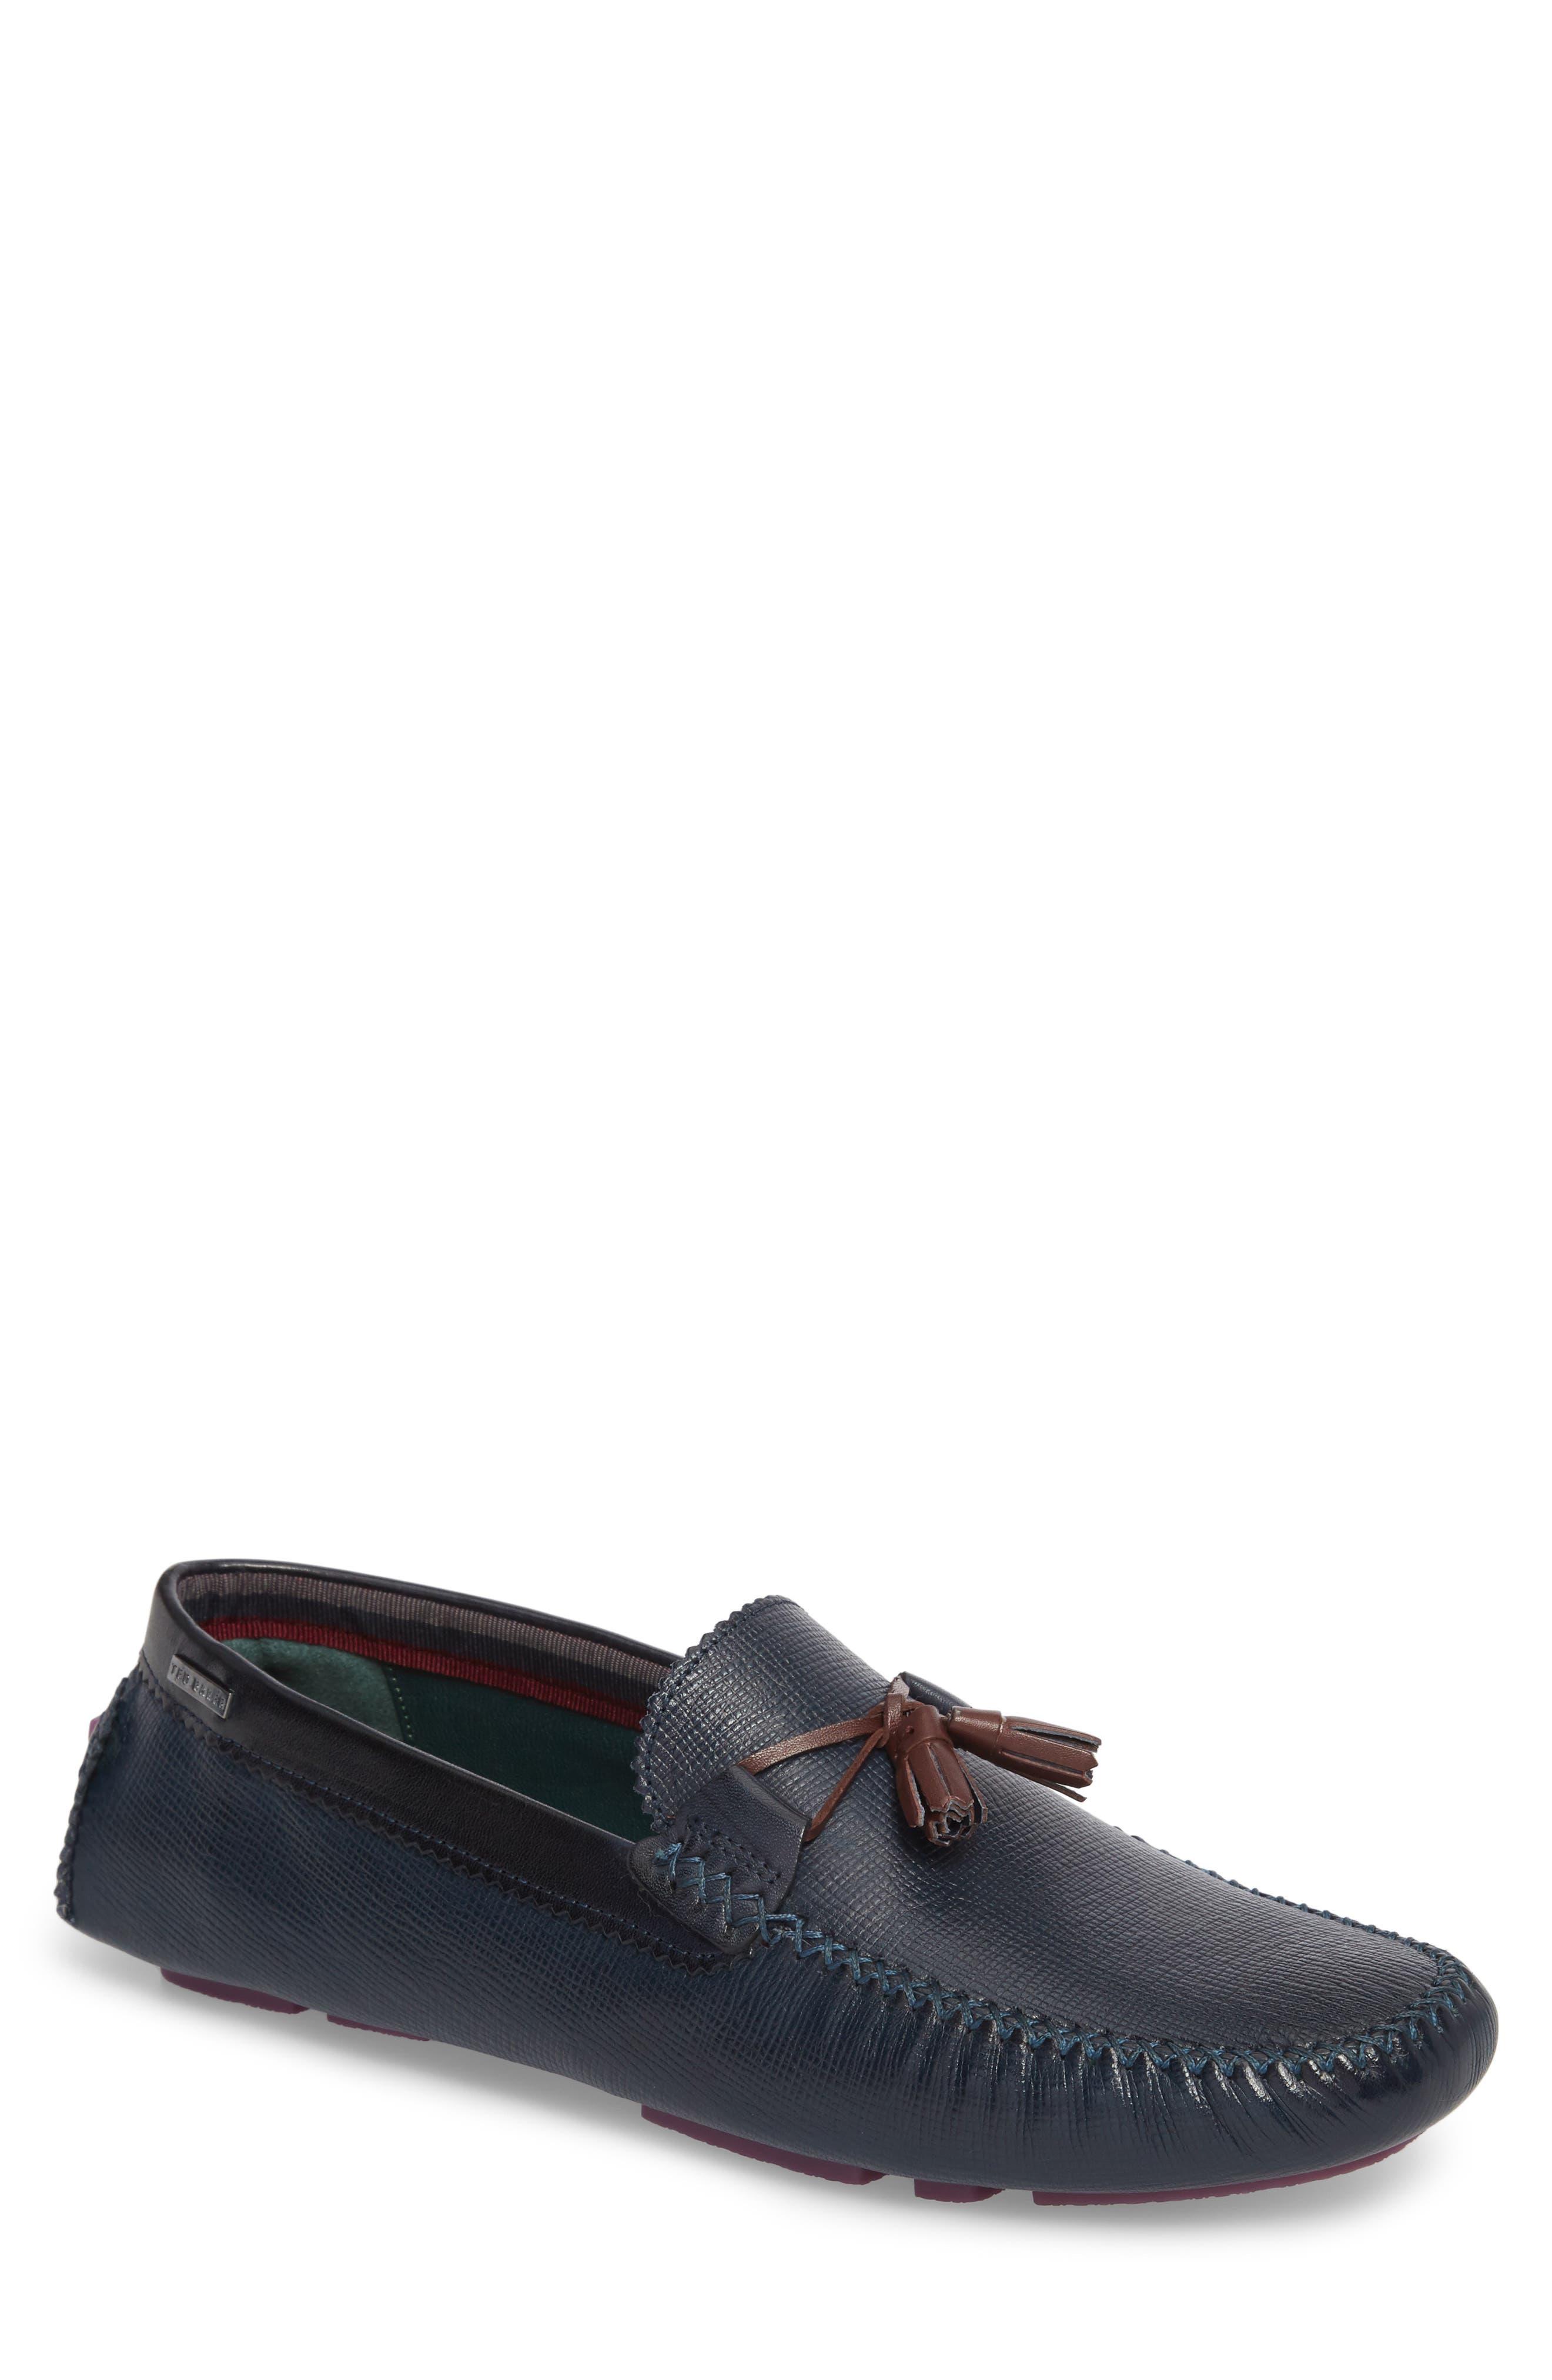 Alternate Image 1 Selected - Ted Baker London Urbonn Tasseled Driving Loafer (Men)